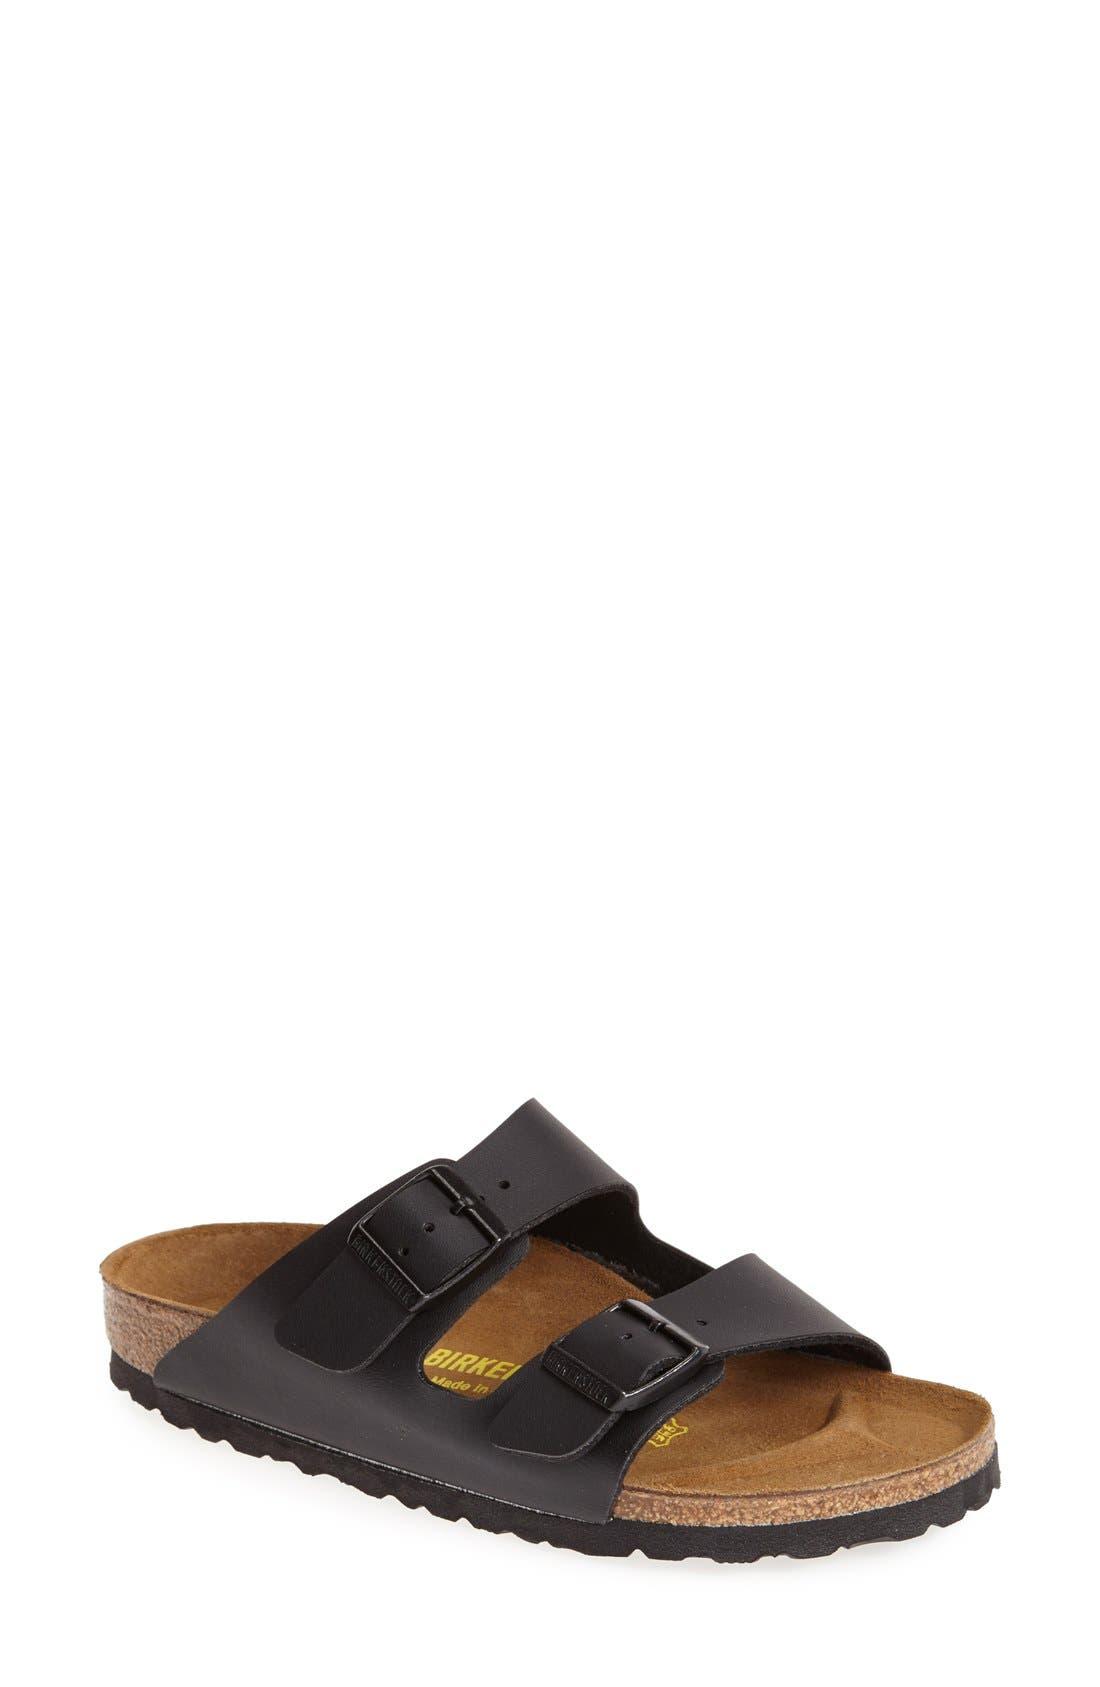 chanel fur slides. birkenstock arizona birko-flor sandal (women) chanel fur slides